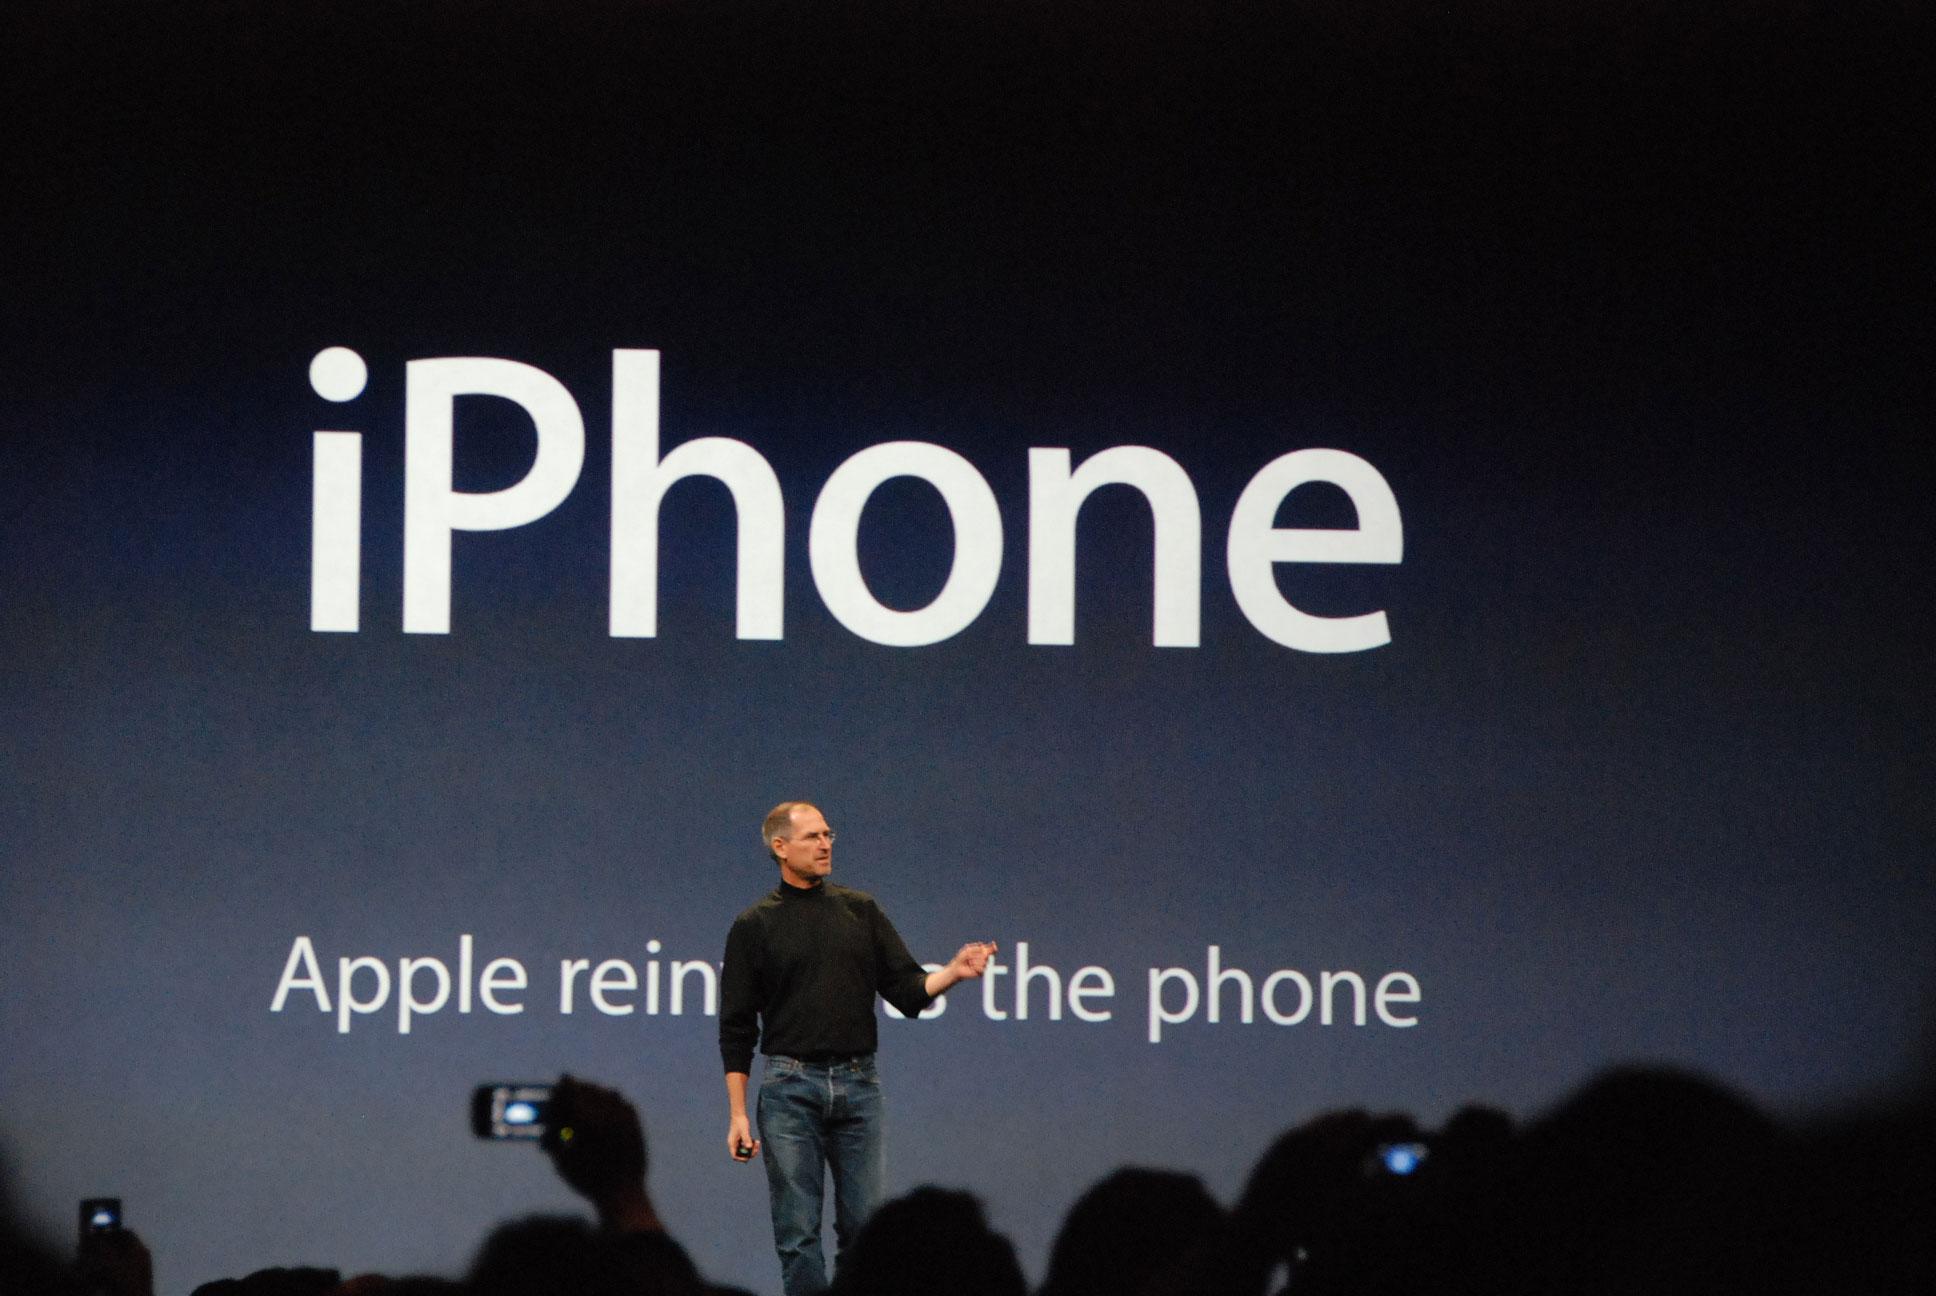 بازگشت به اپل